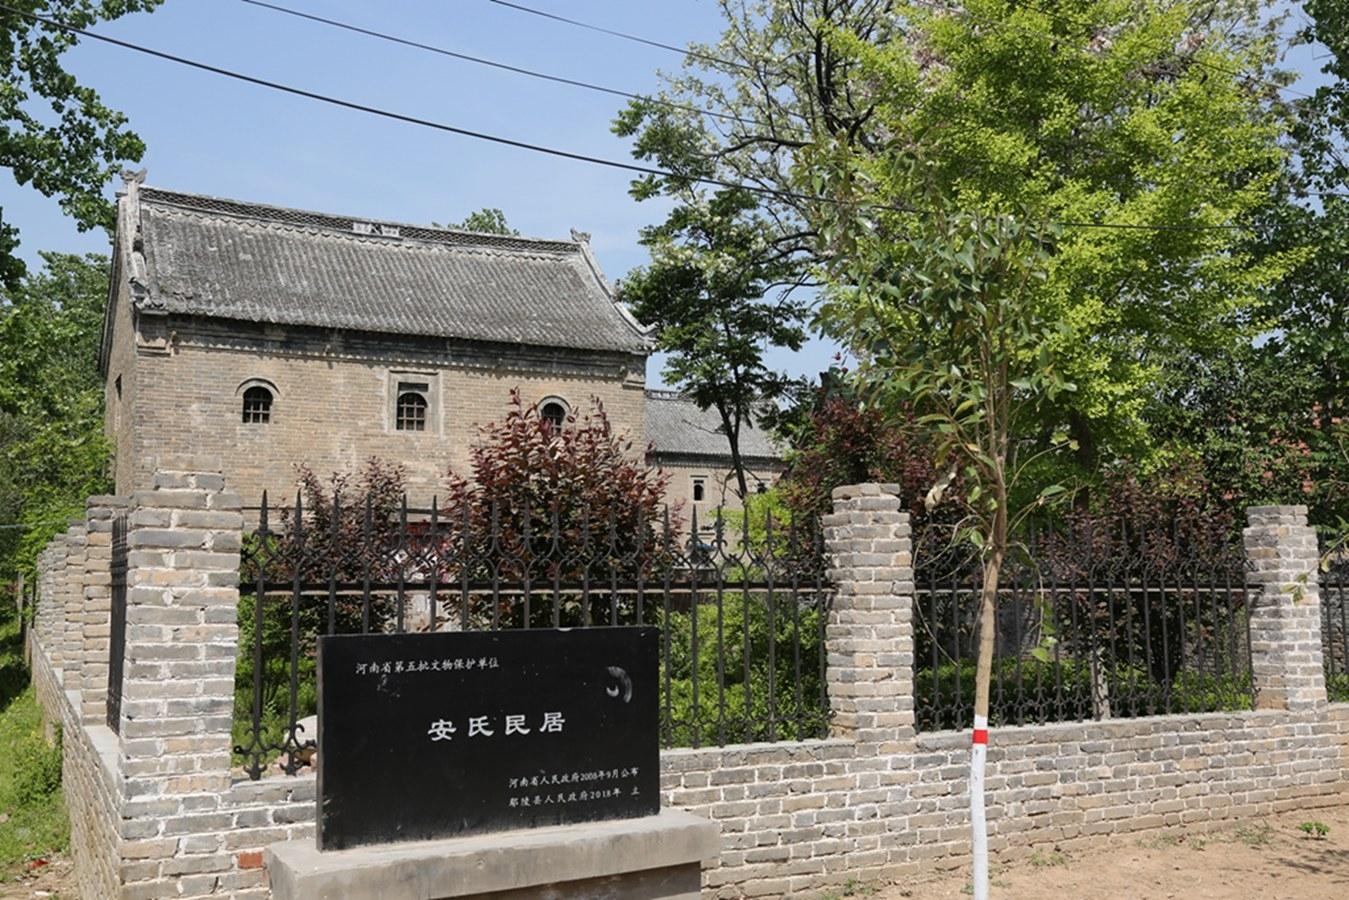 鄢陵安氏民居的砖雕、木雕很吸睛